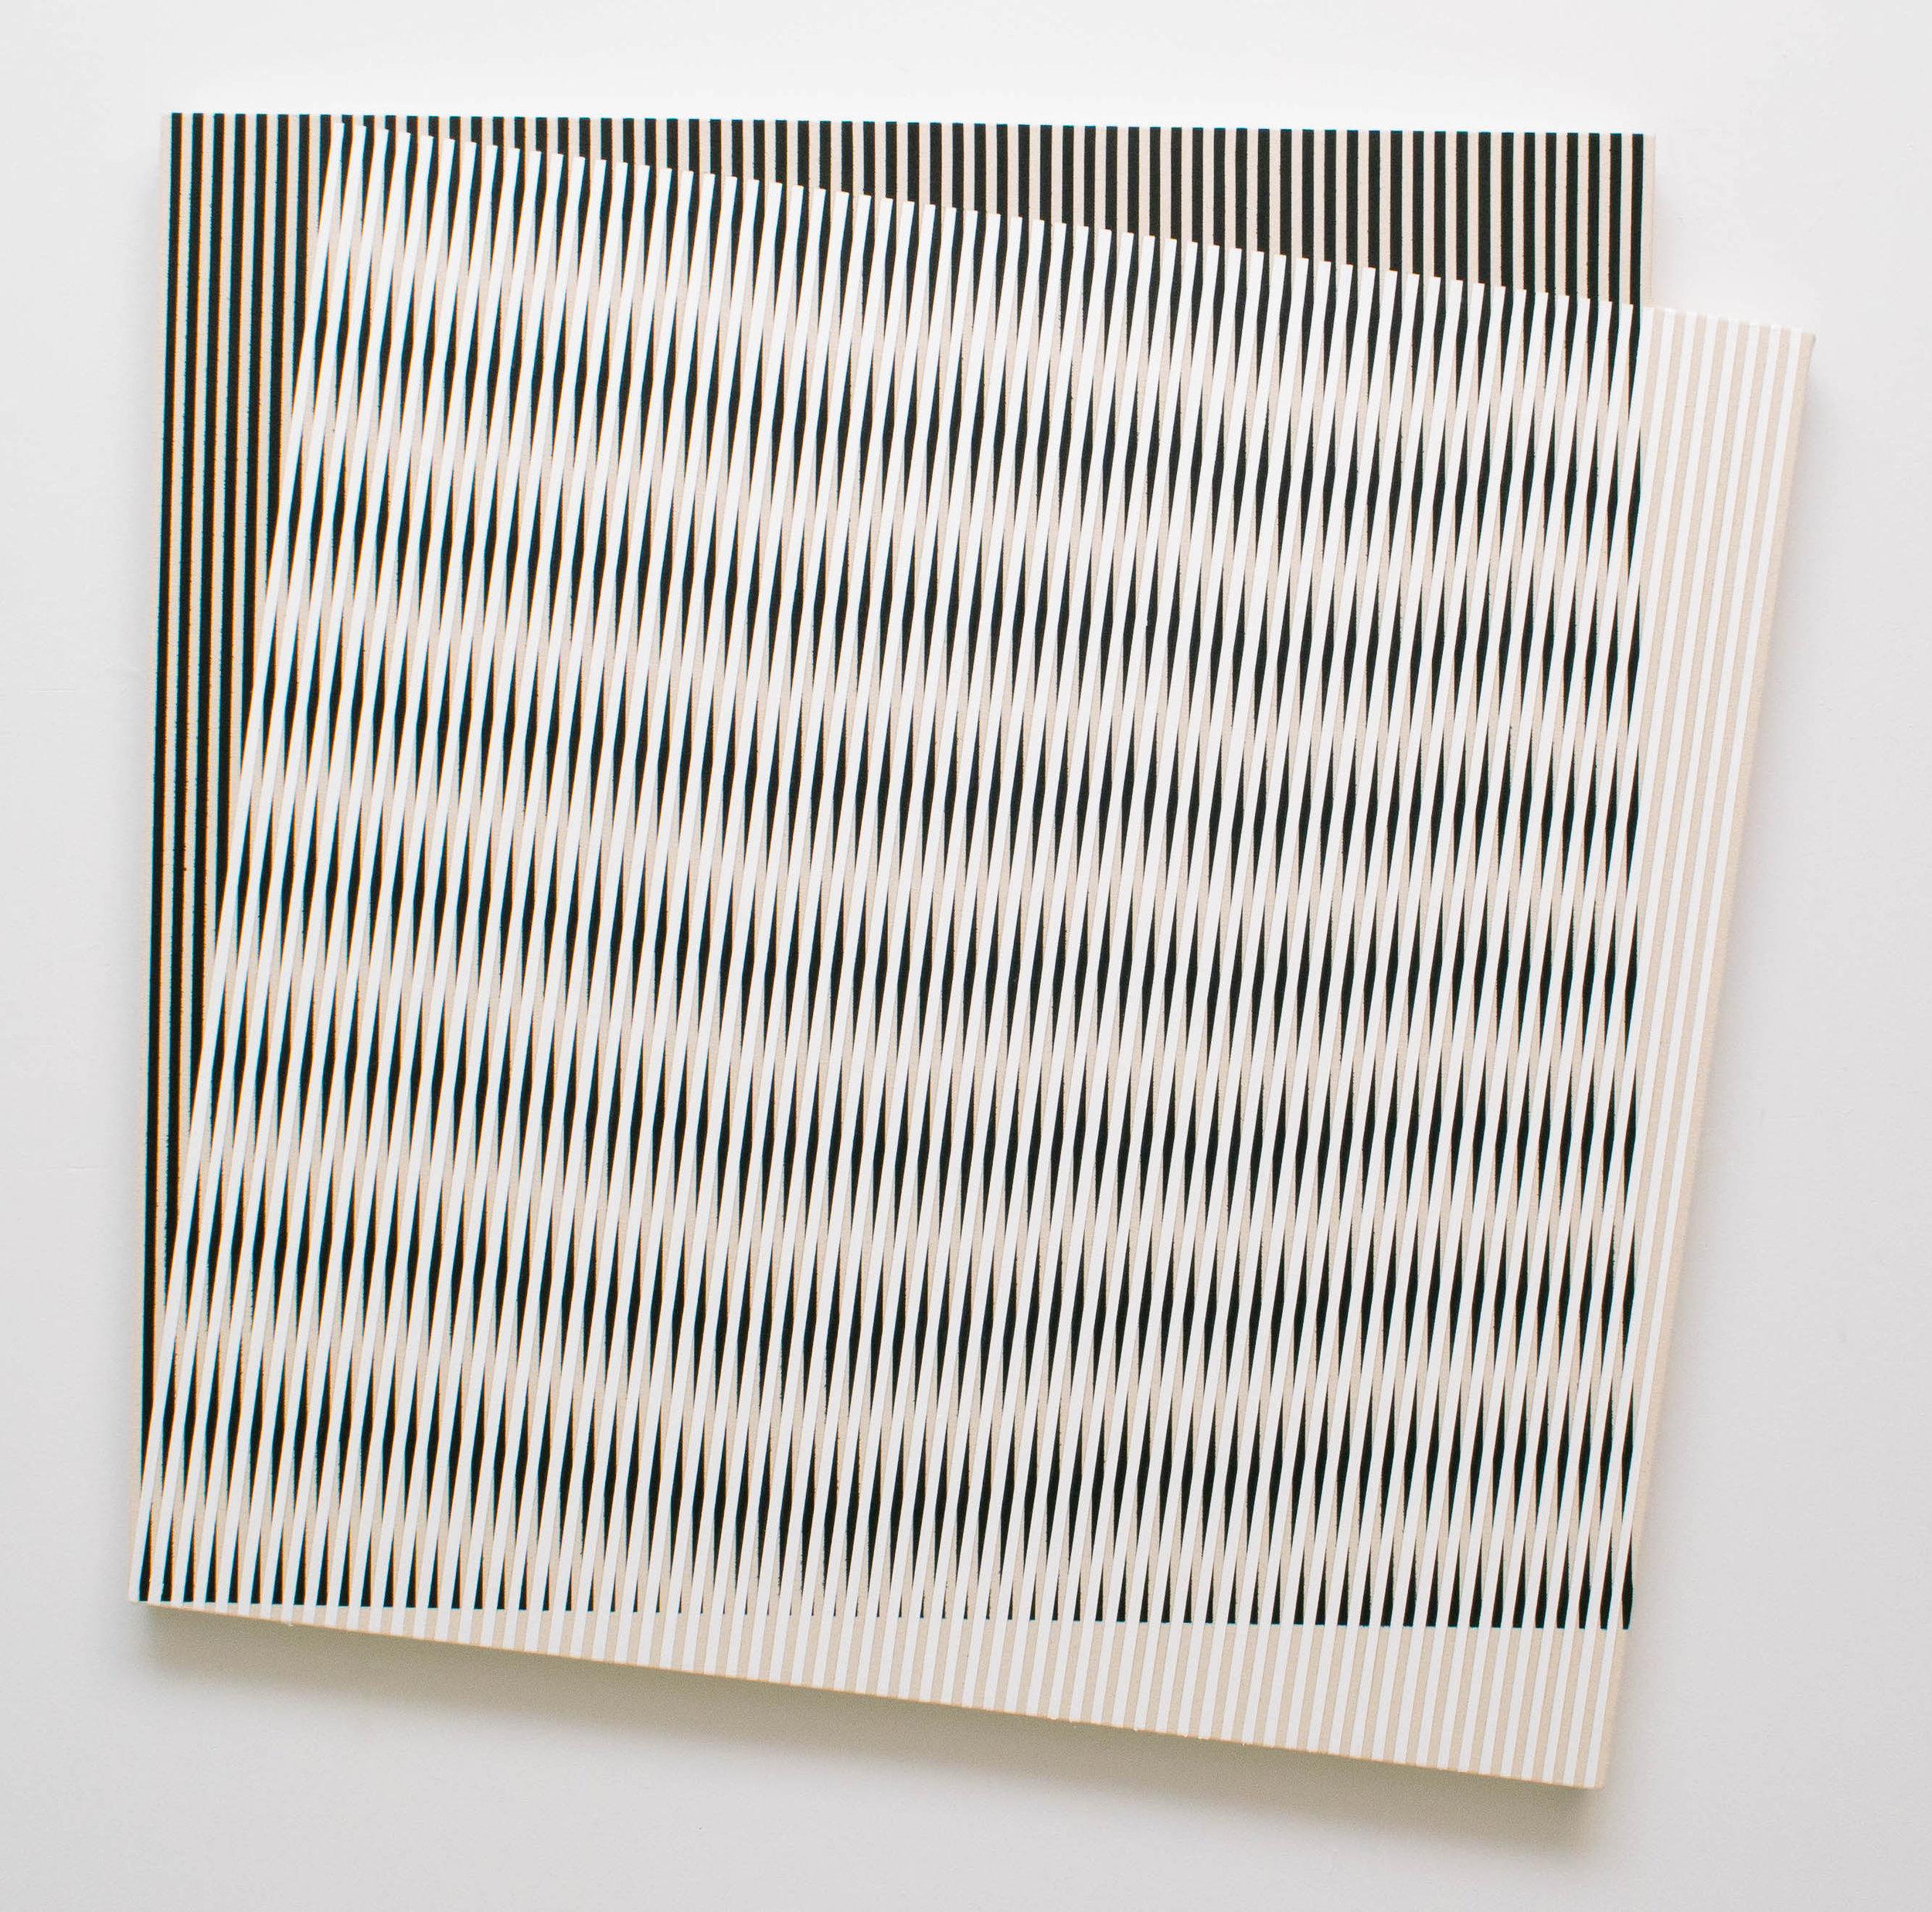 Johnny Abrahams_Untitled1_Acrylic on canvas_114.3x114.3cm_2016.jpg